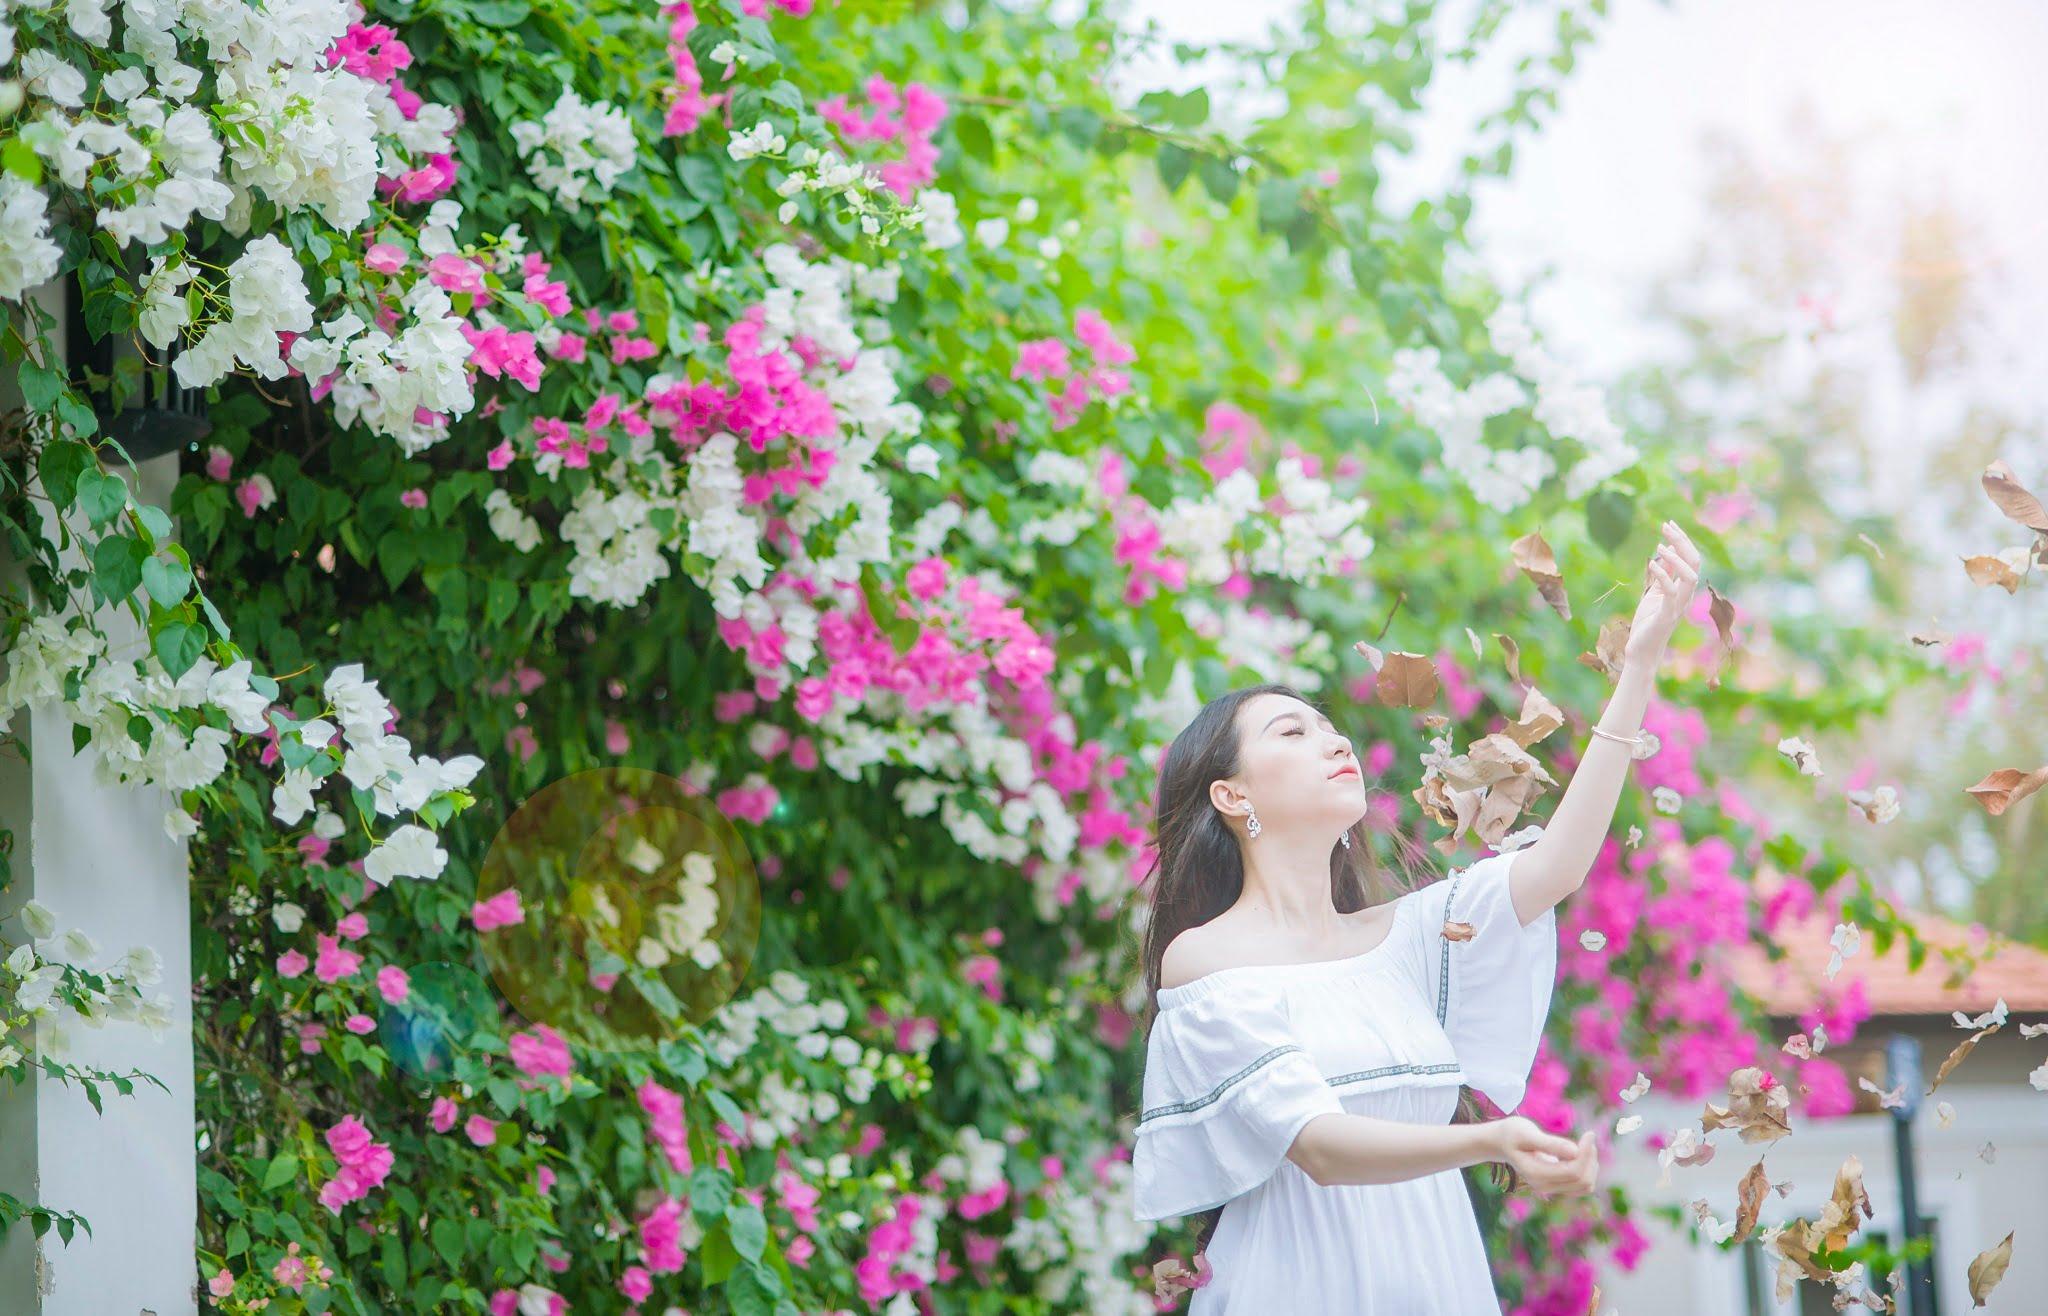 anh chup hoa giay 11 - Ảnh chụp với hoa giấy quận 2 - Huỳnh Như